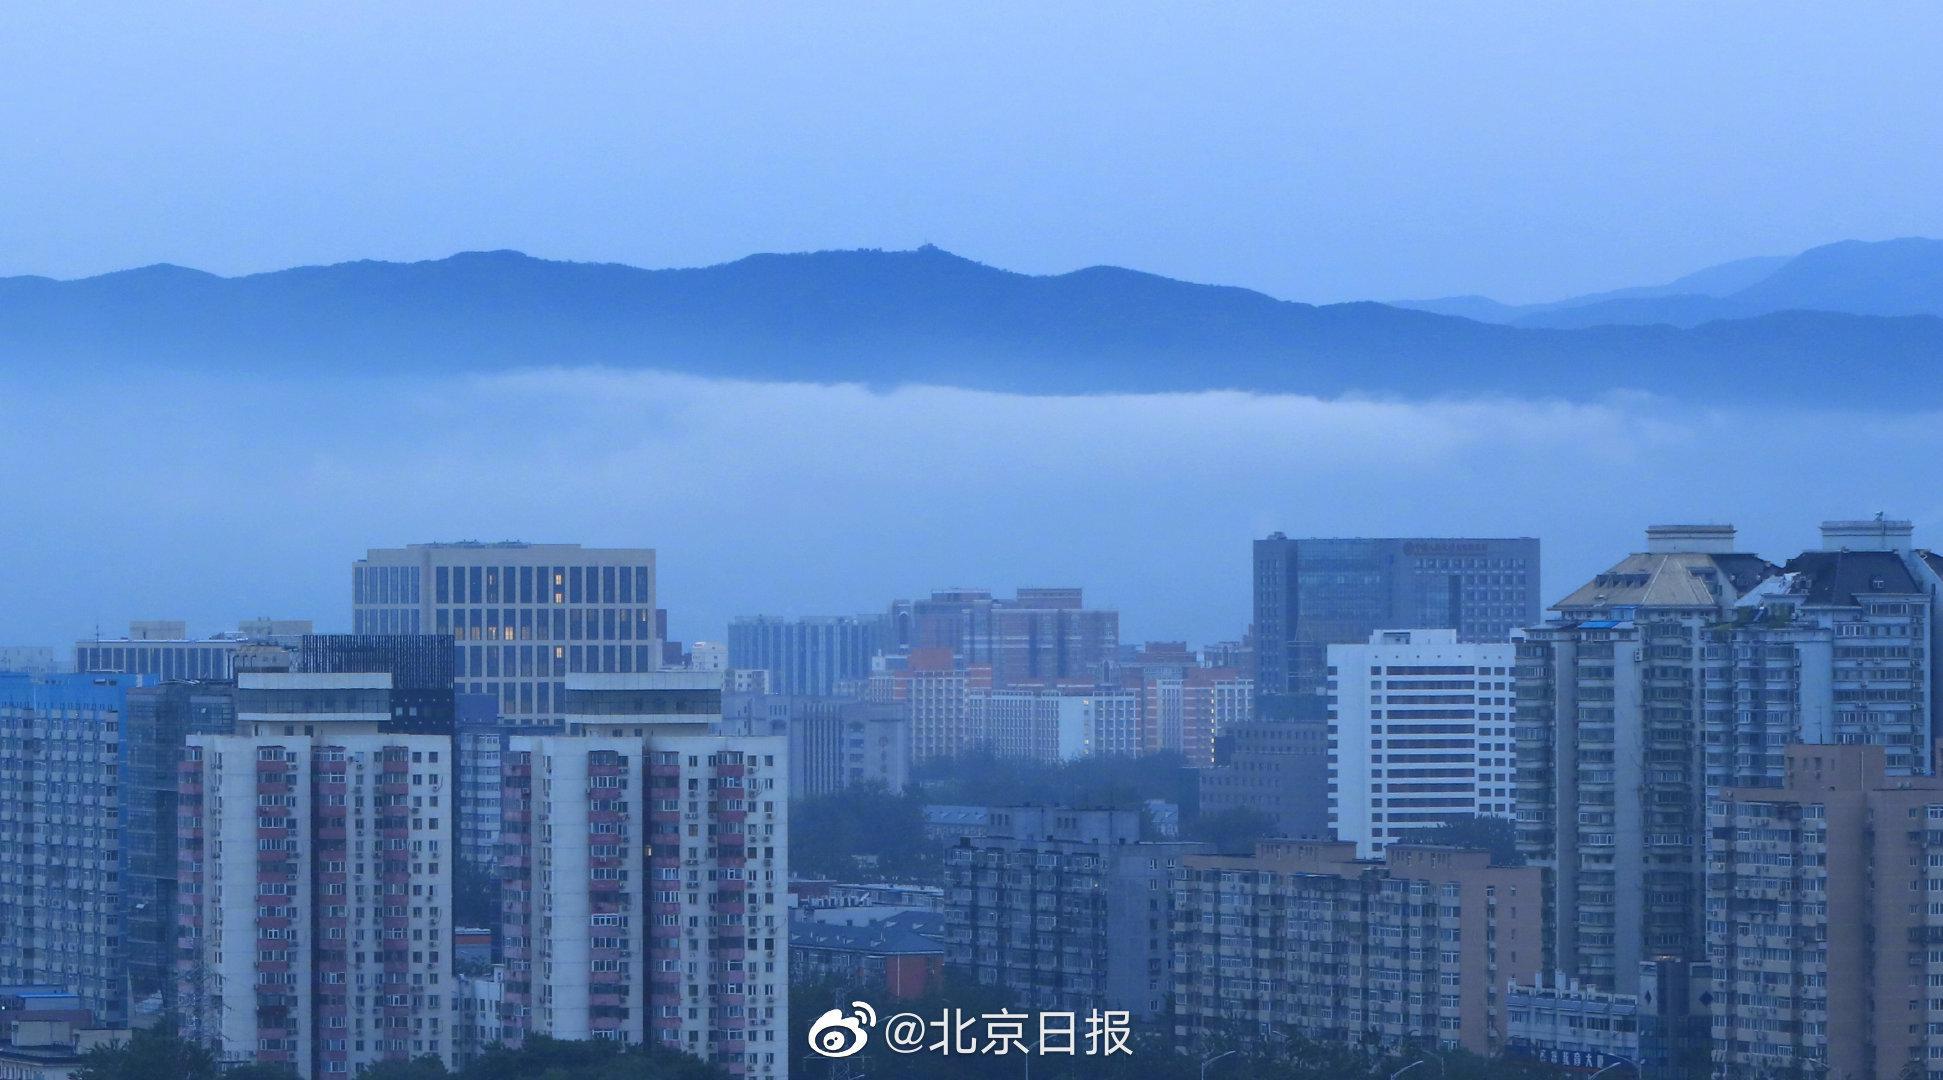 雨后北京西山现绝美云海